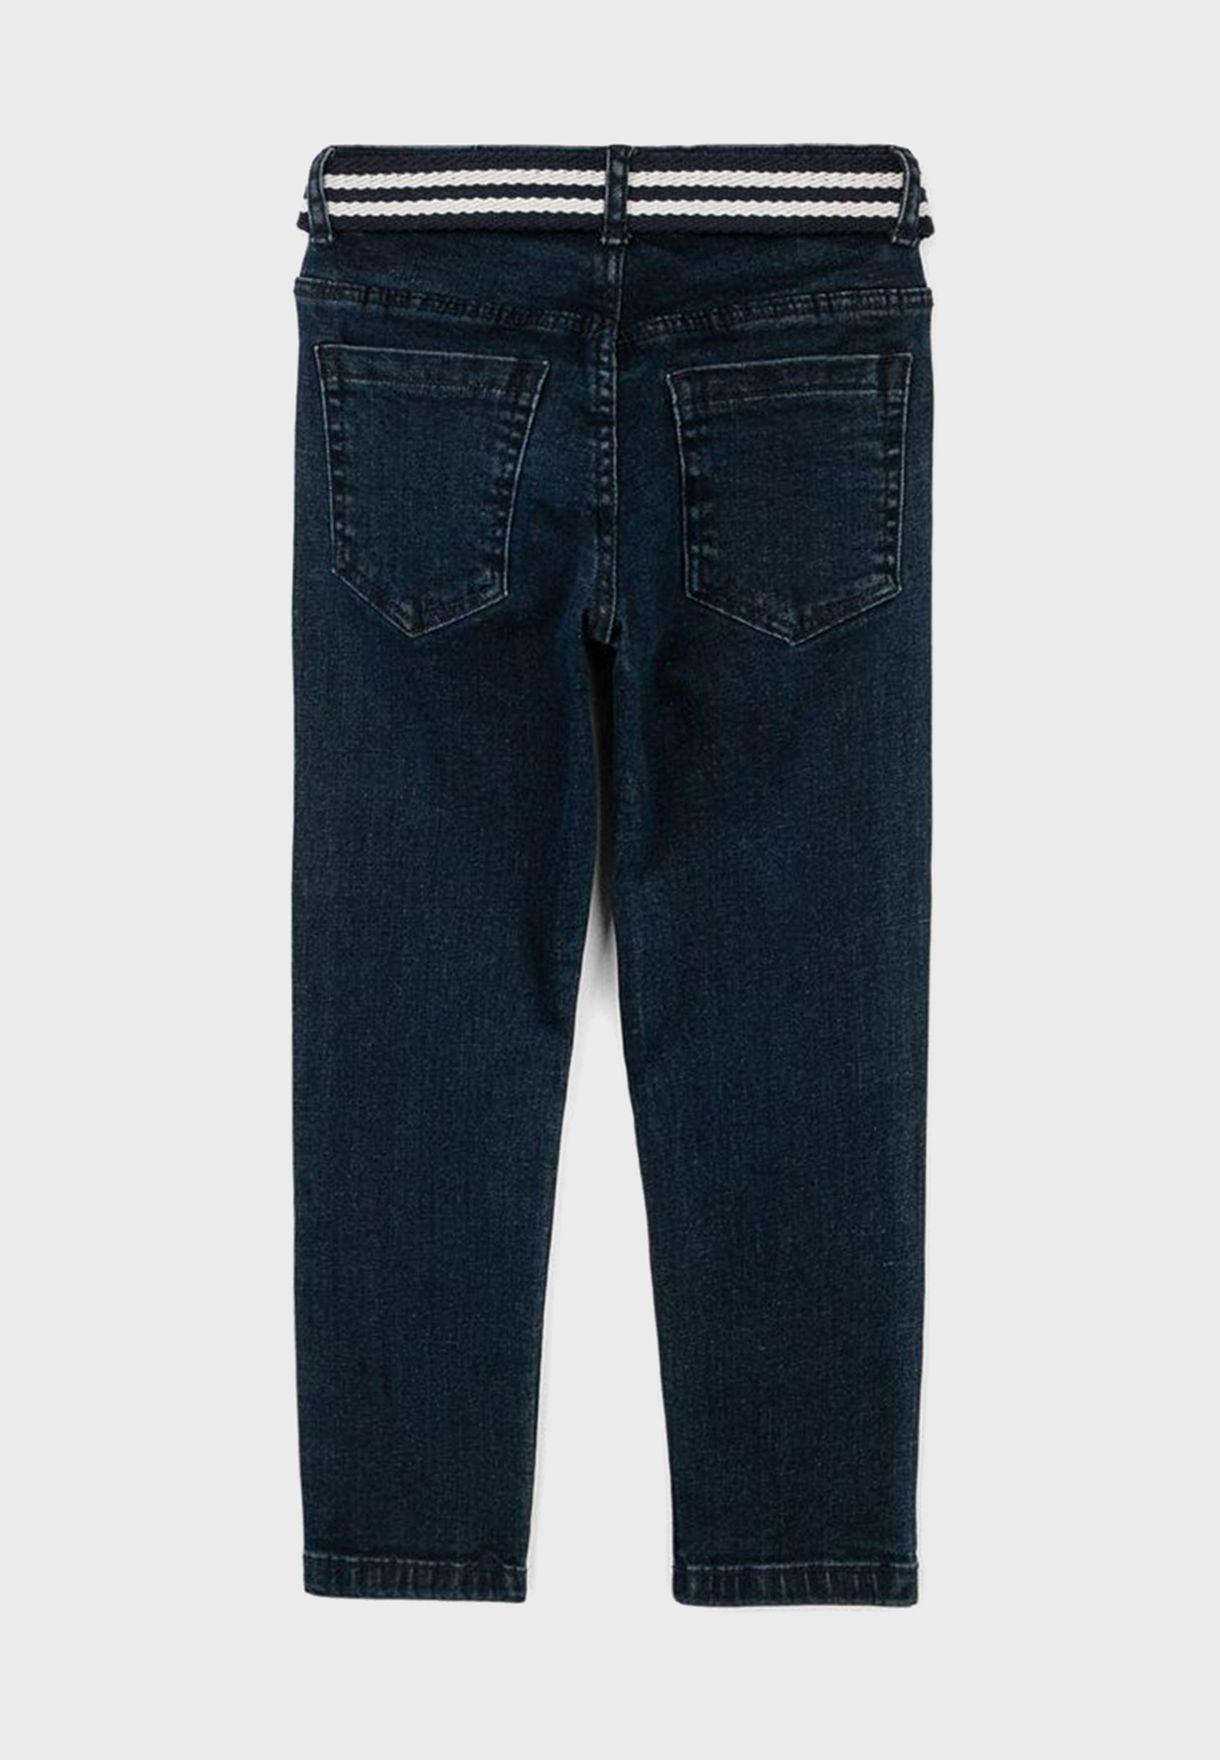 جينز كلاسيكي بحزام خصر